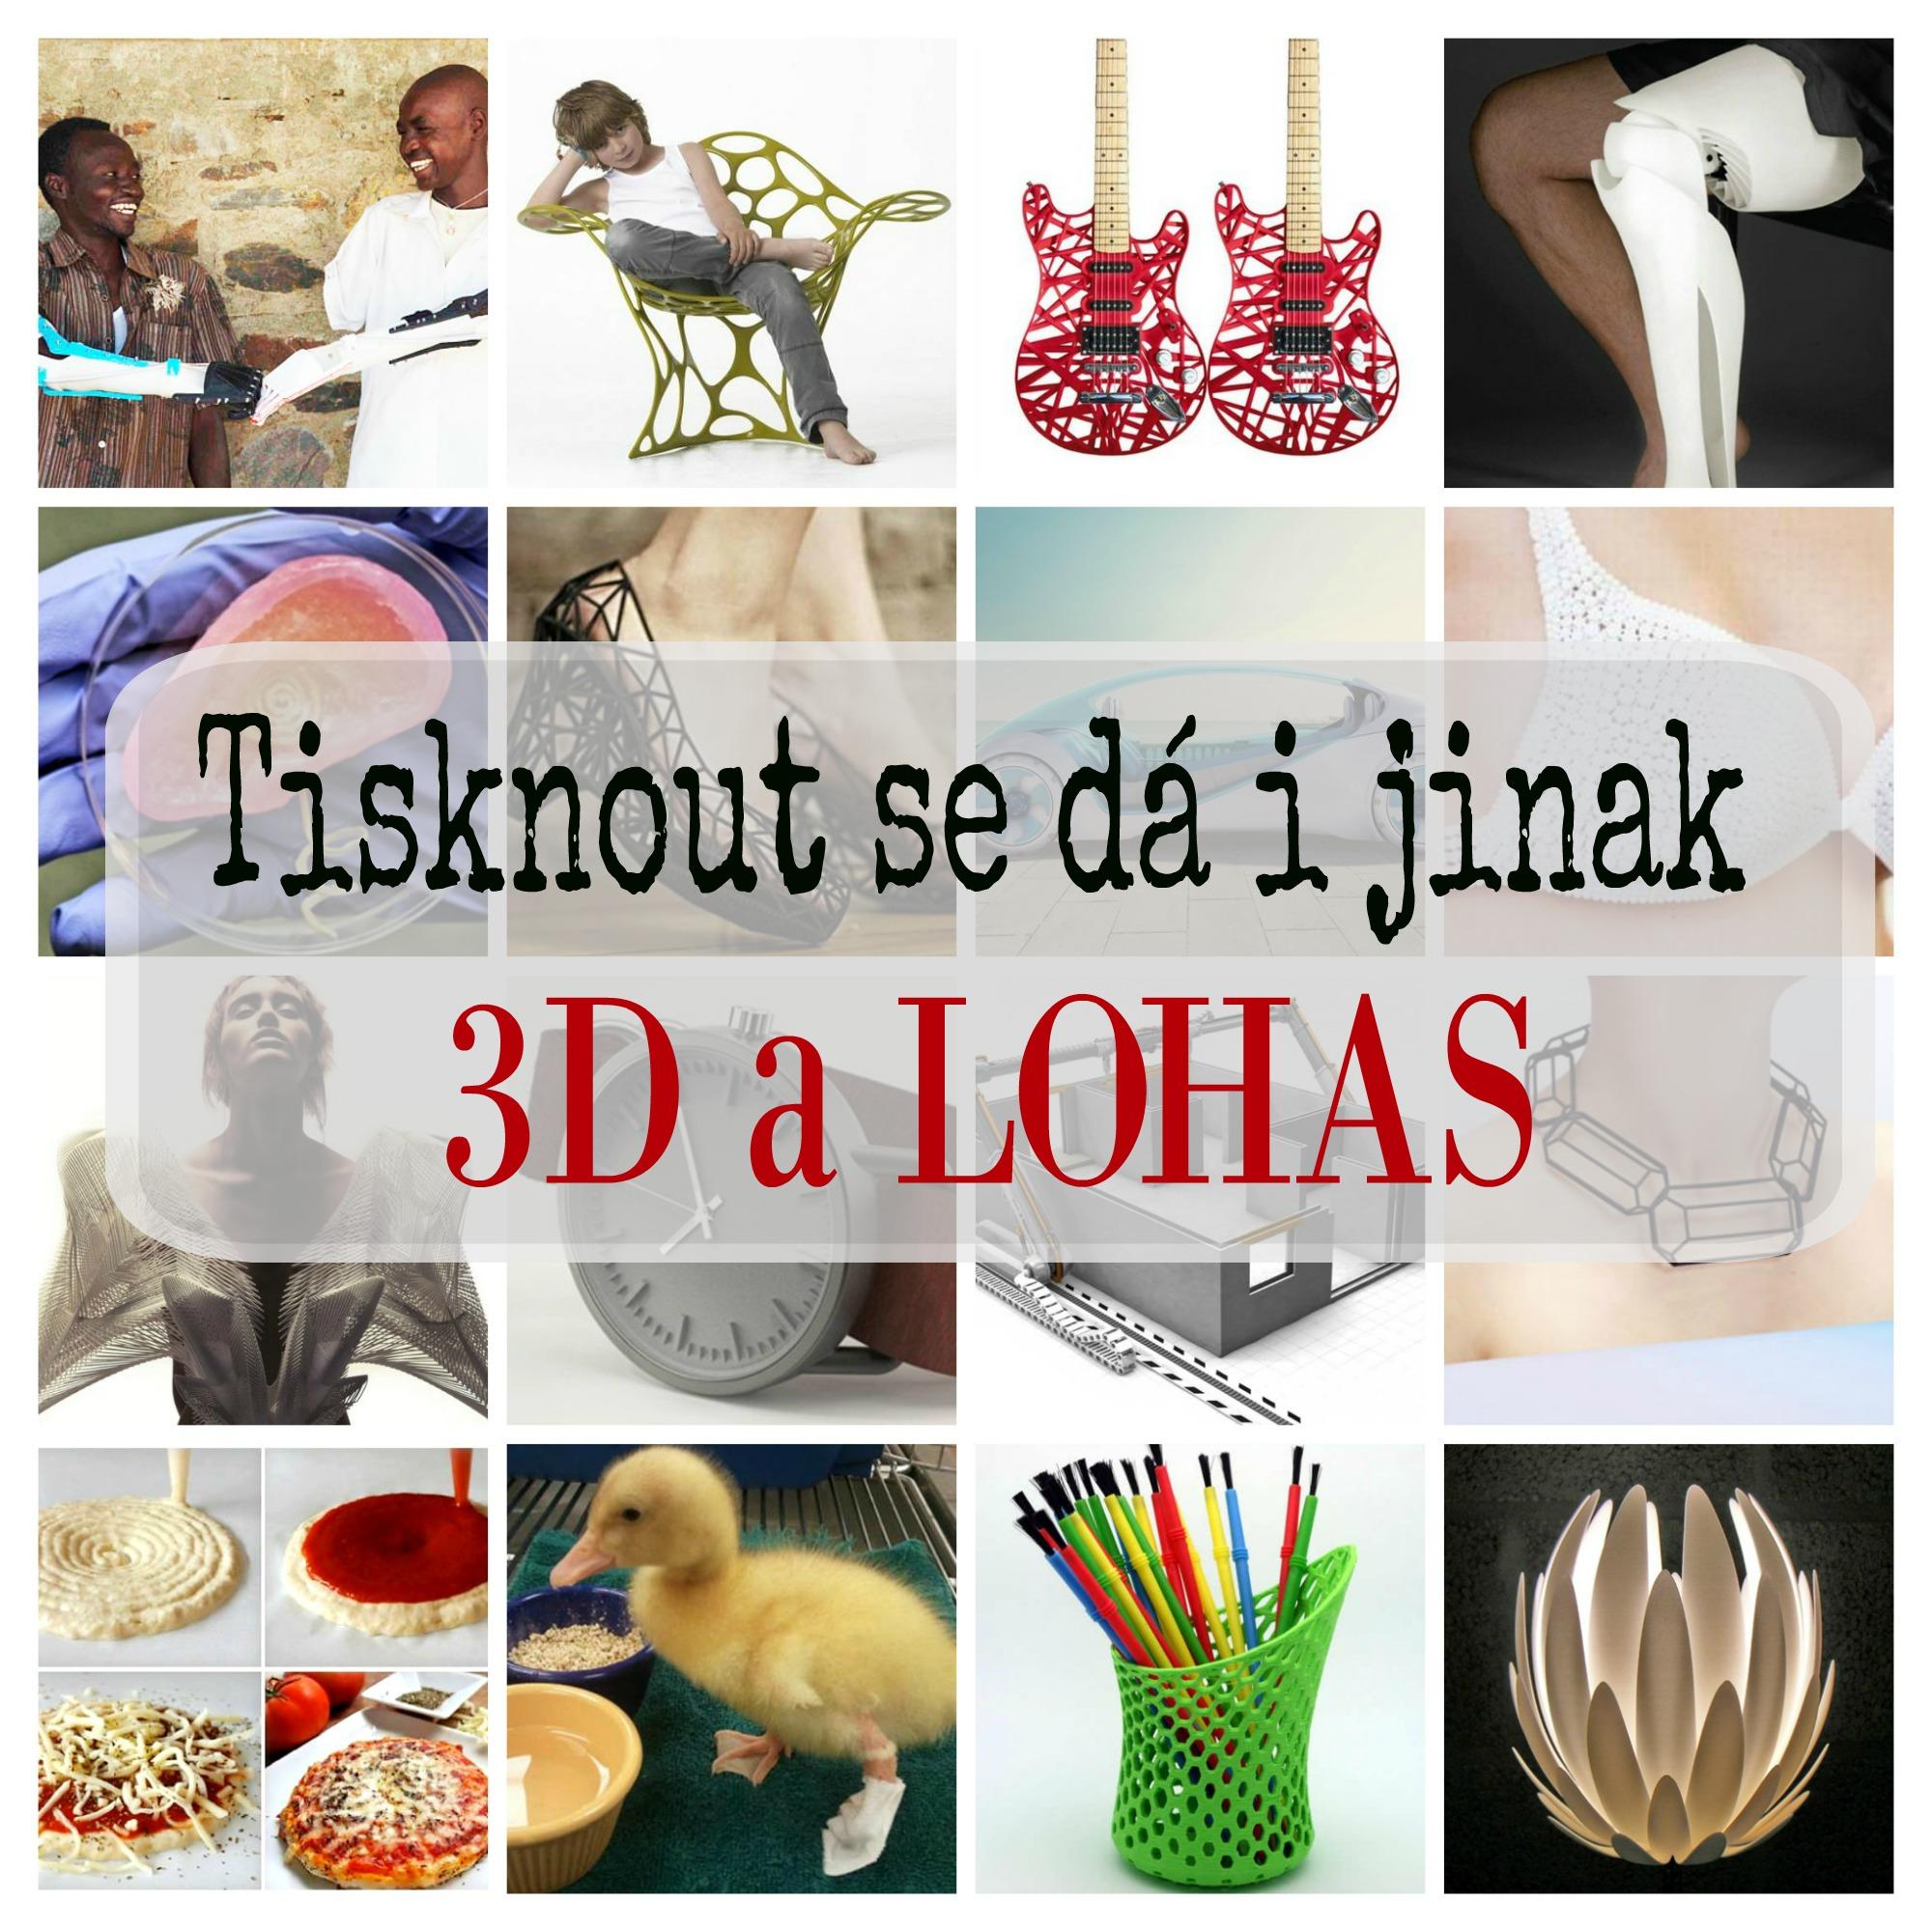 Tisknout se dá i jinak, 3D a LOHAS